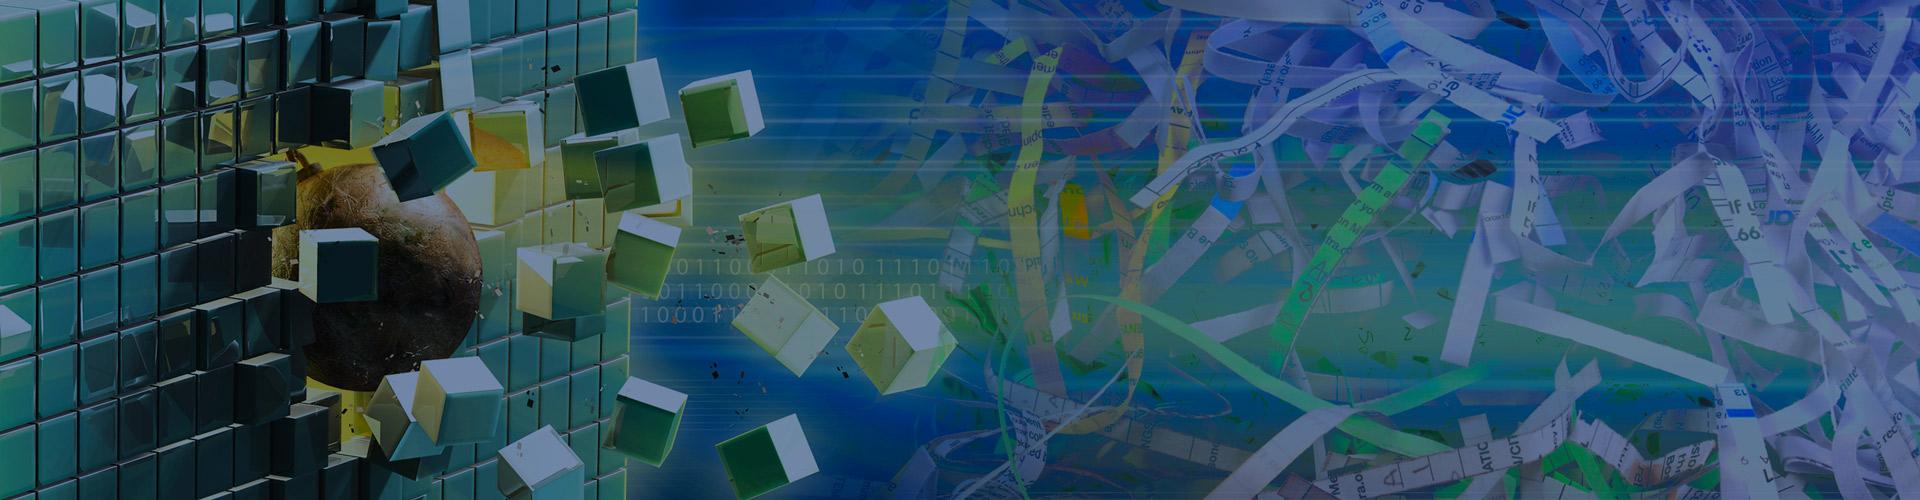 Secure Shredding and Data Destruction